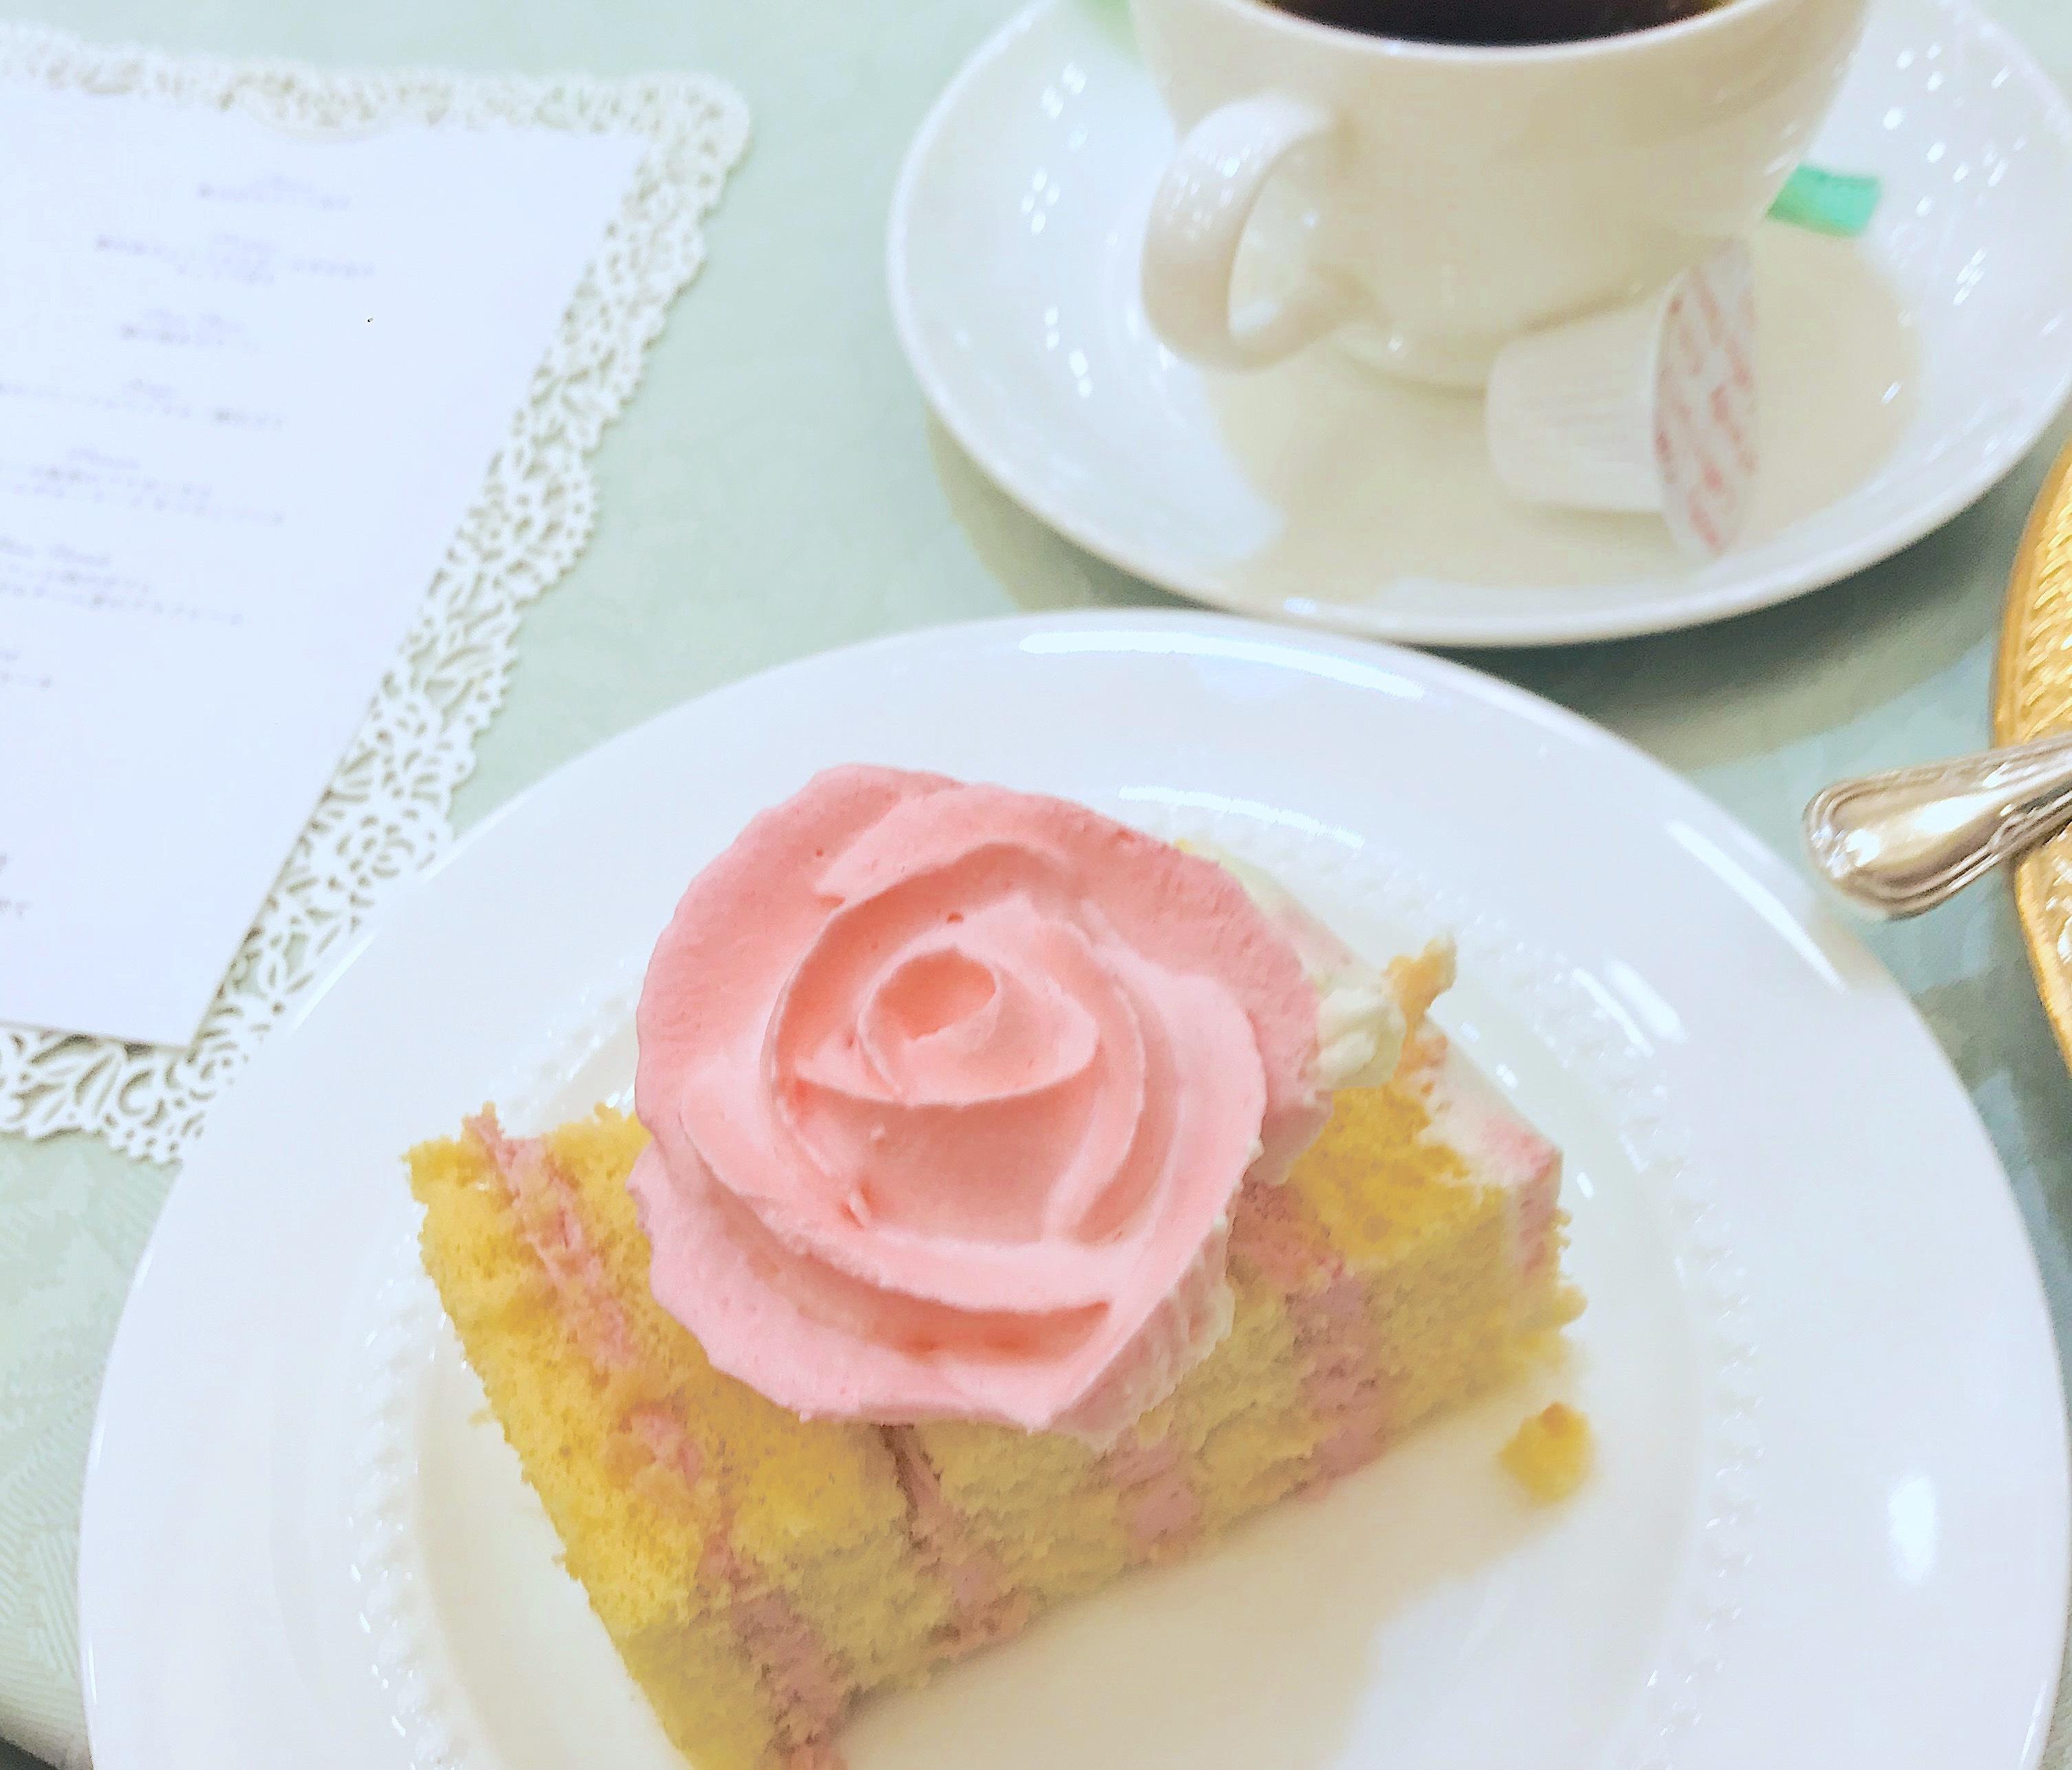 ビンクのバラのクリームデコレーションカットケーキ。